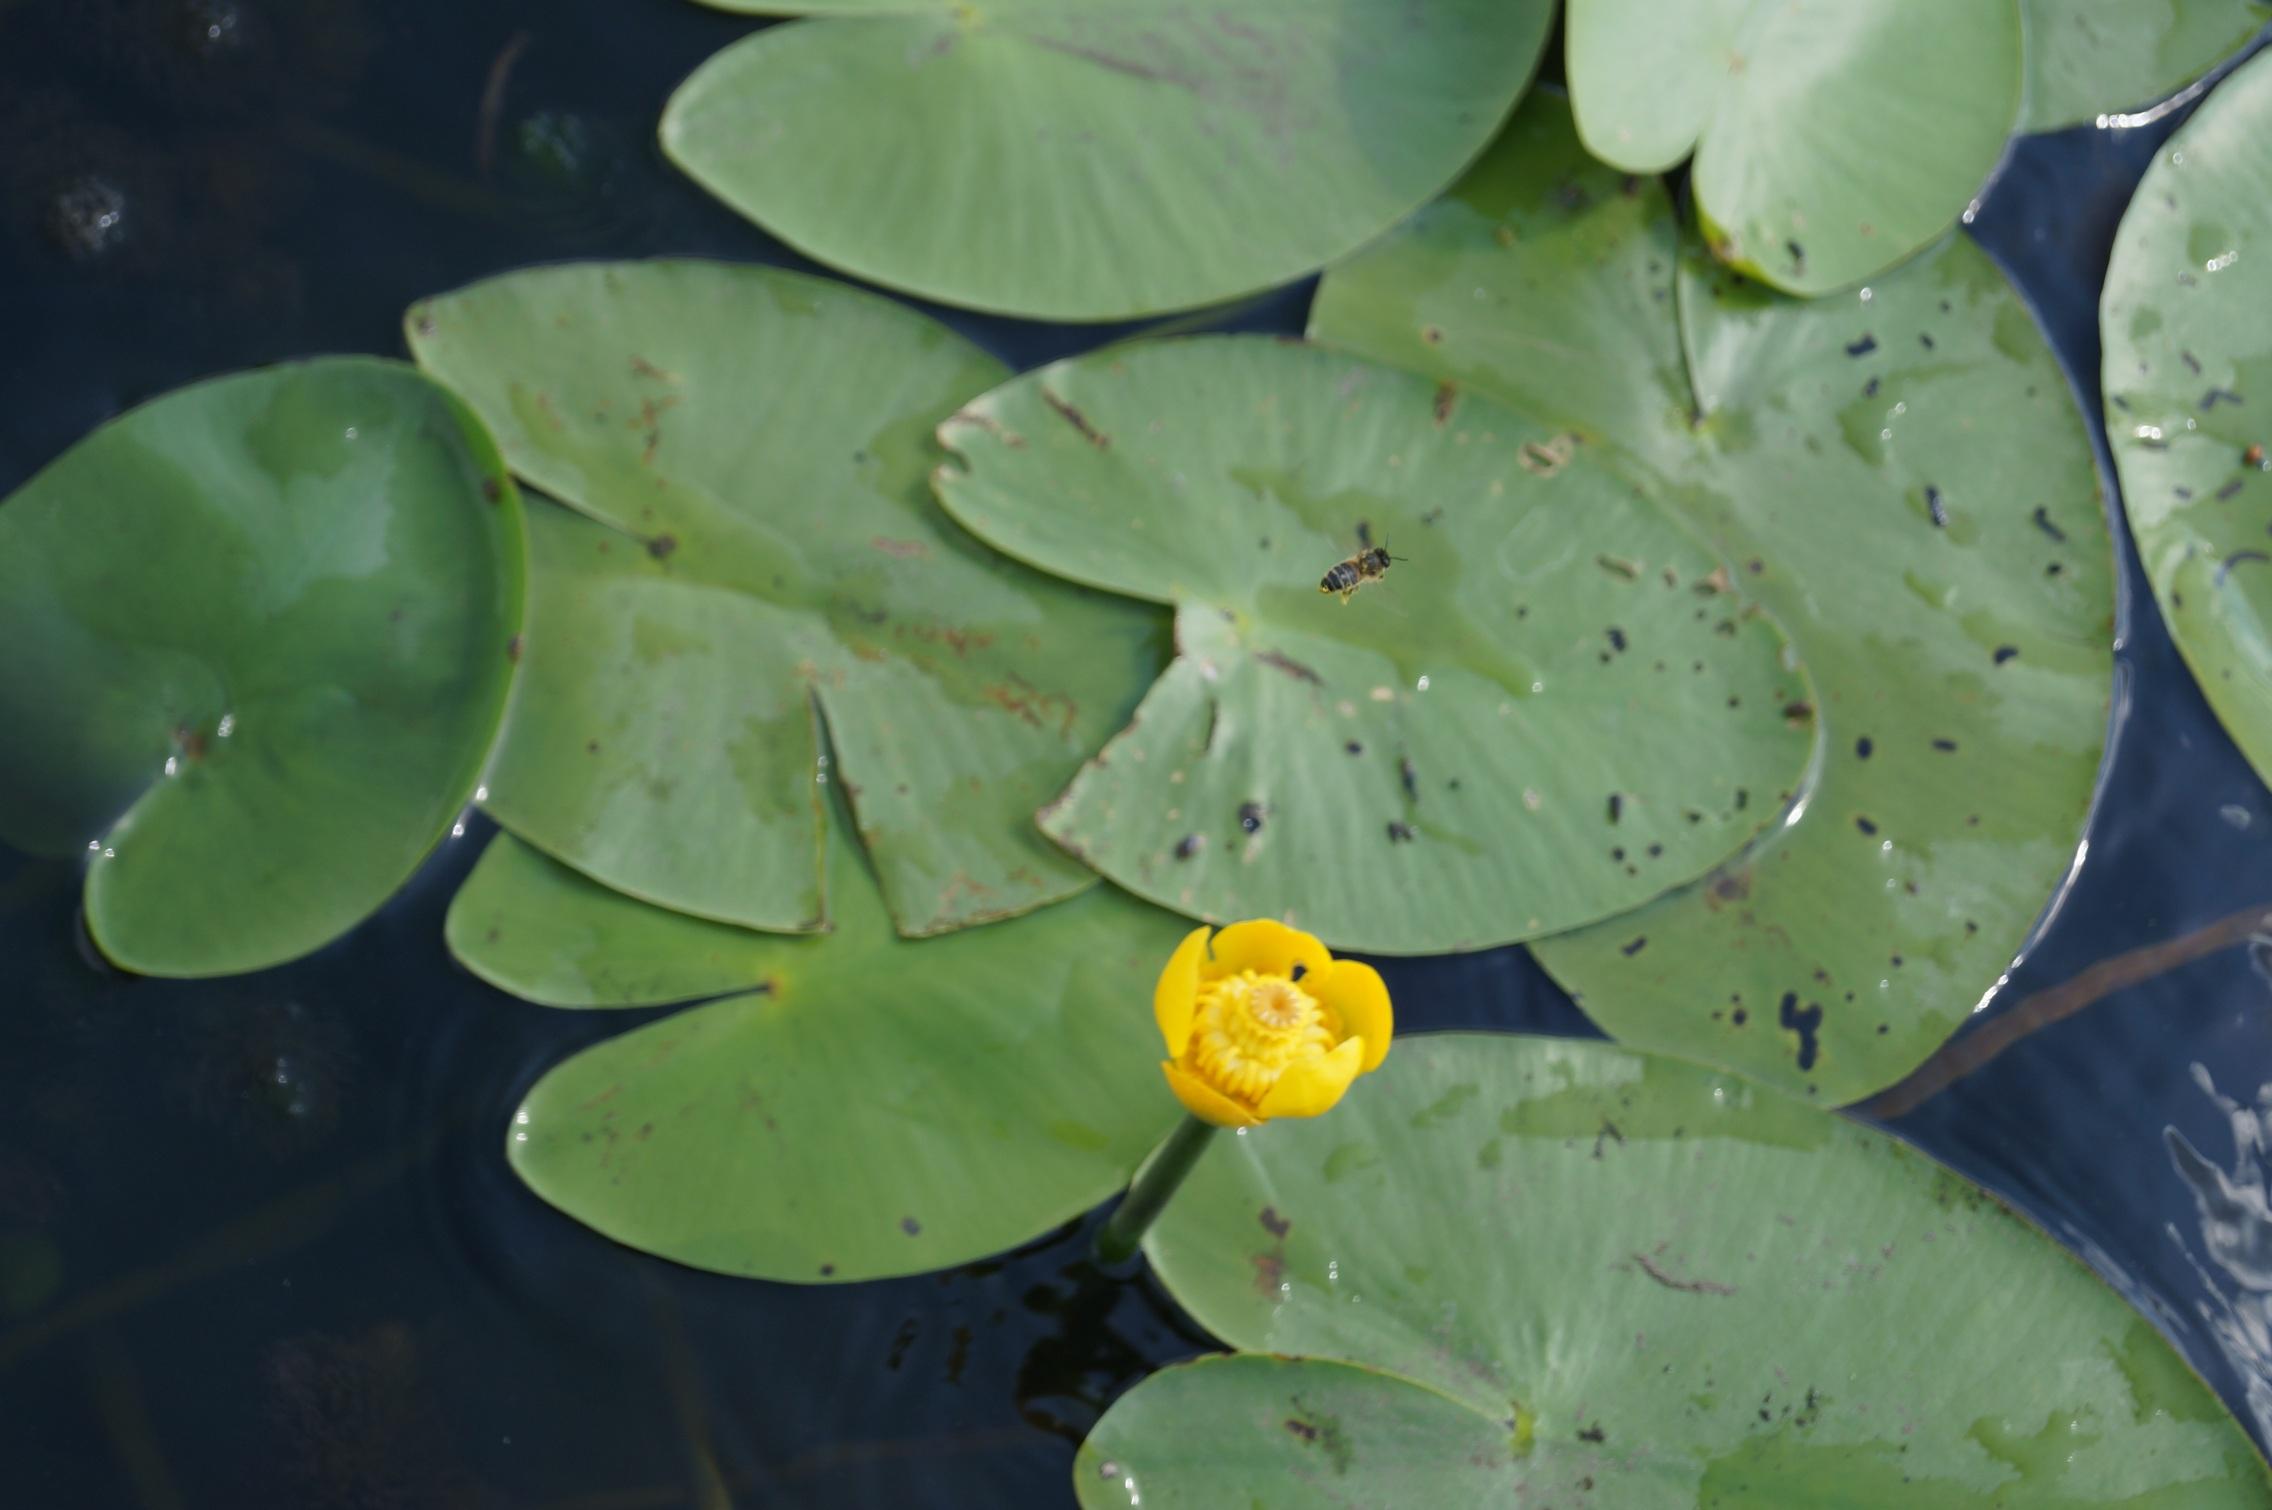 фото пчела над речной кубышкой